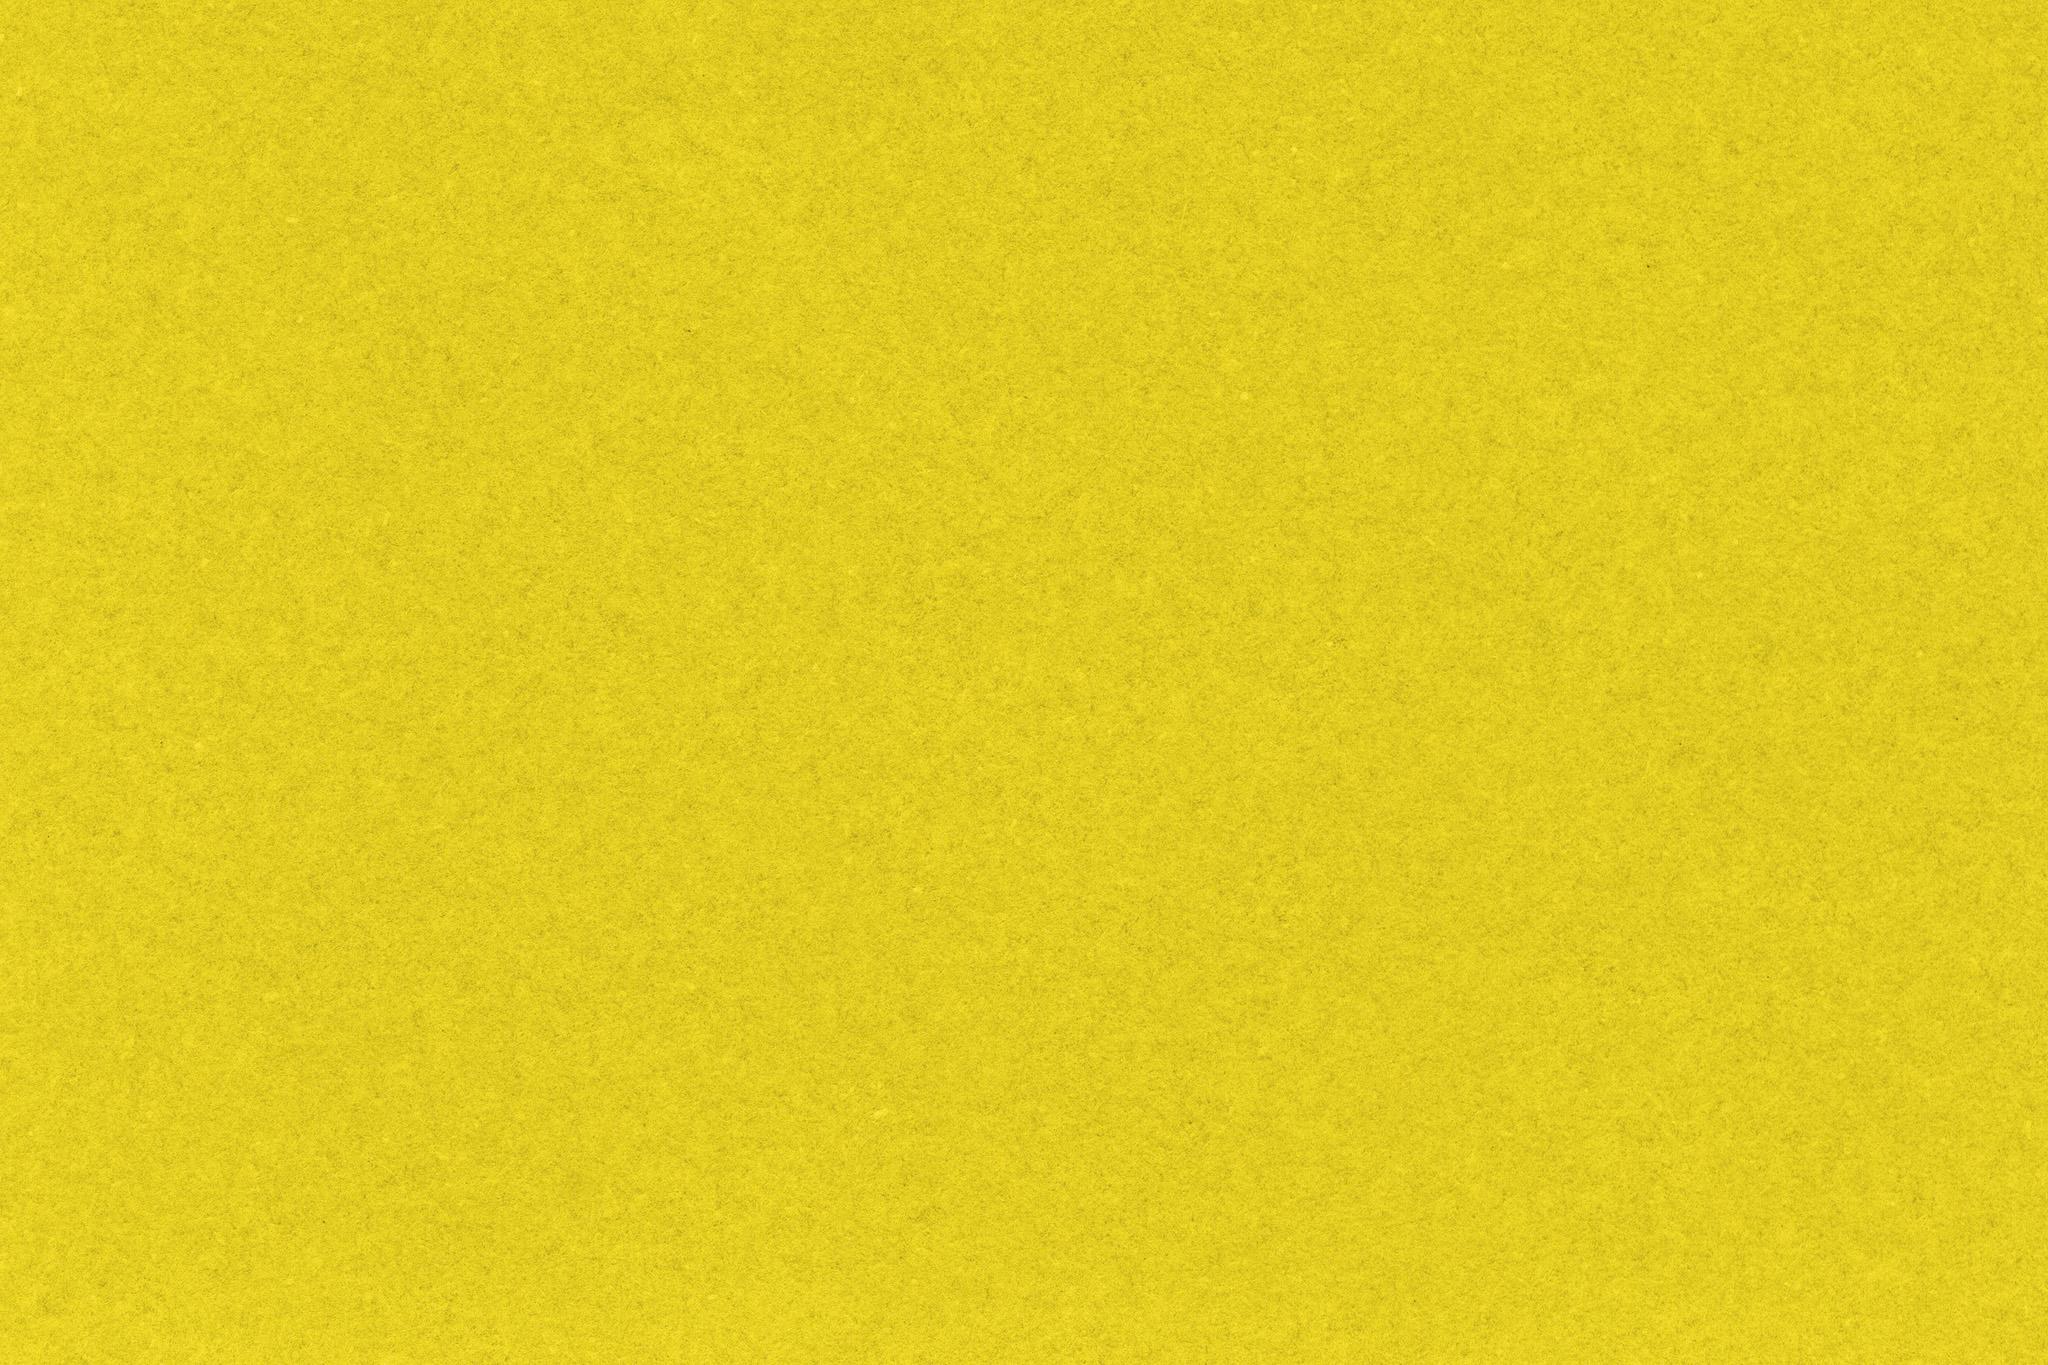 「鮮やかな山吹色の紙」